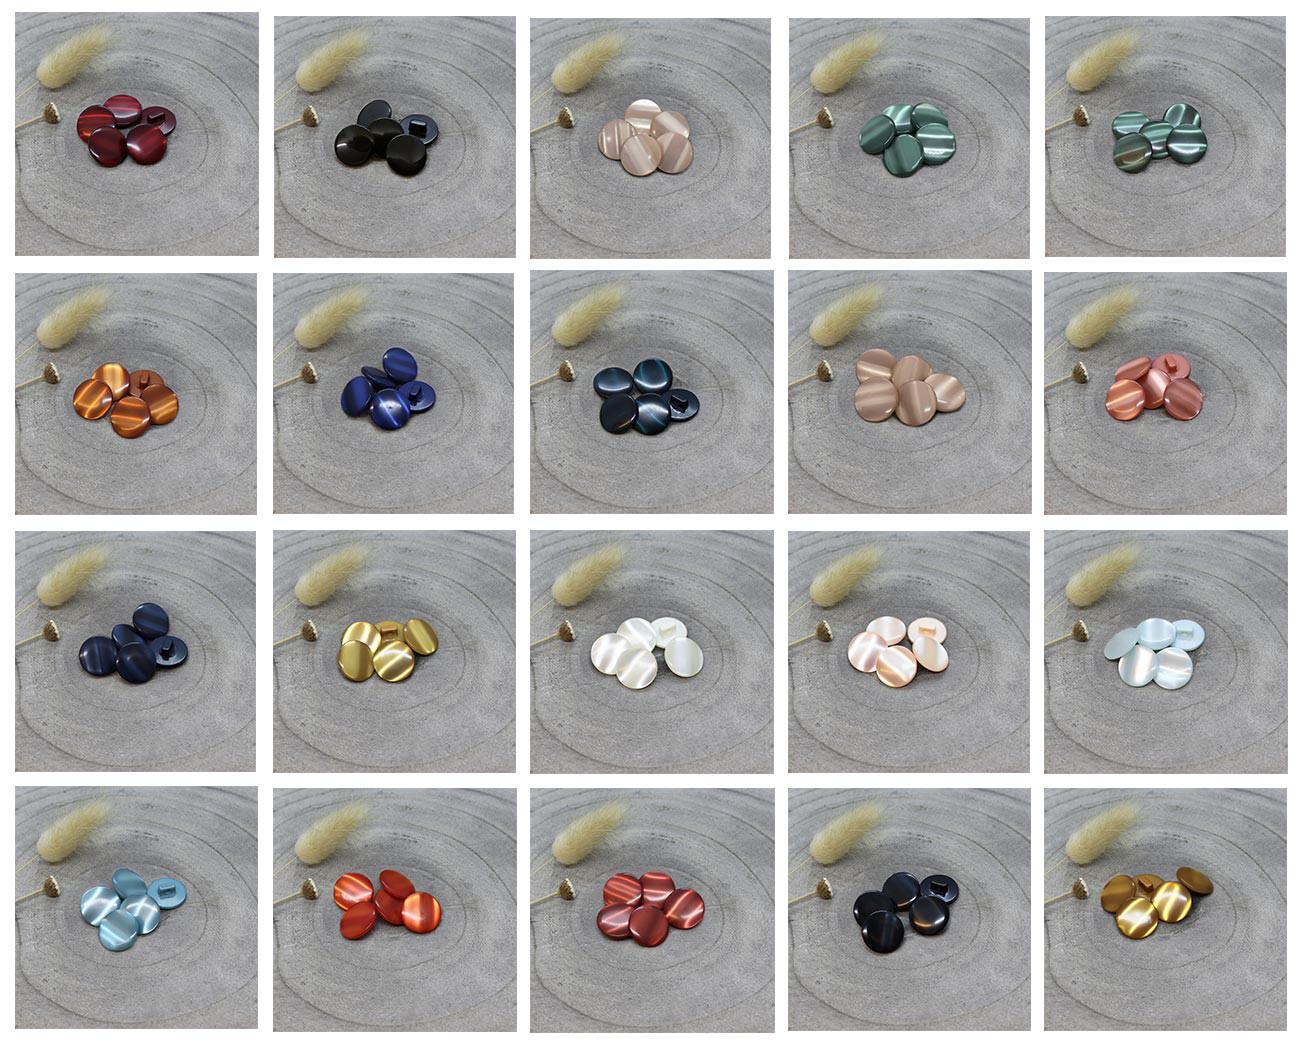 Atelier Brunette Swing Button Knöpfe online kaufen